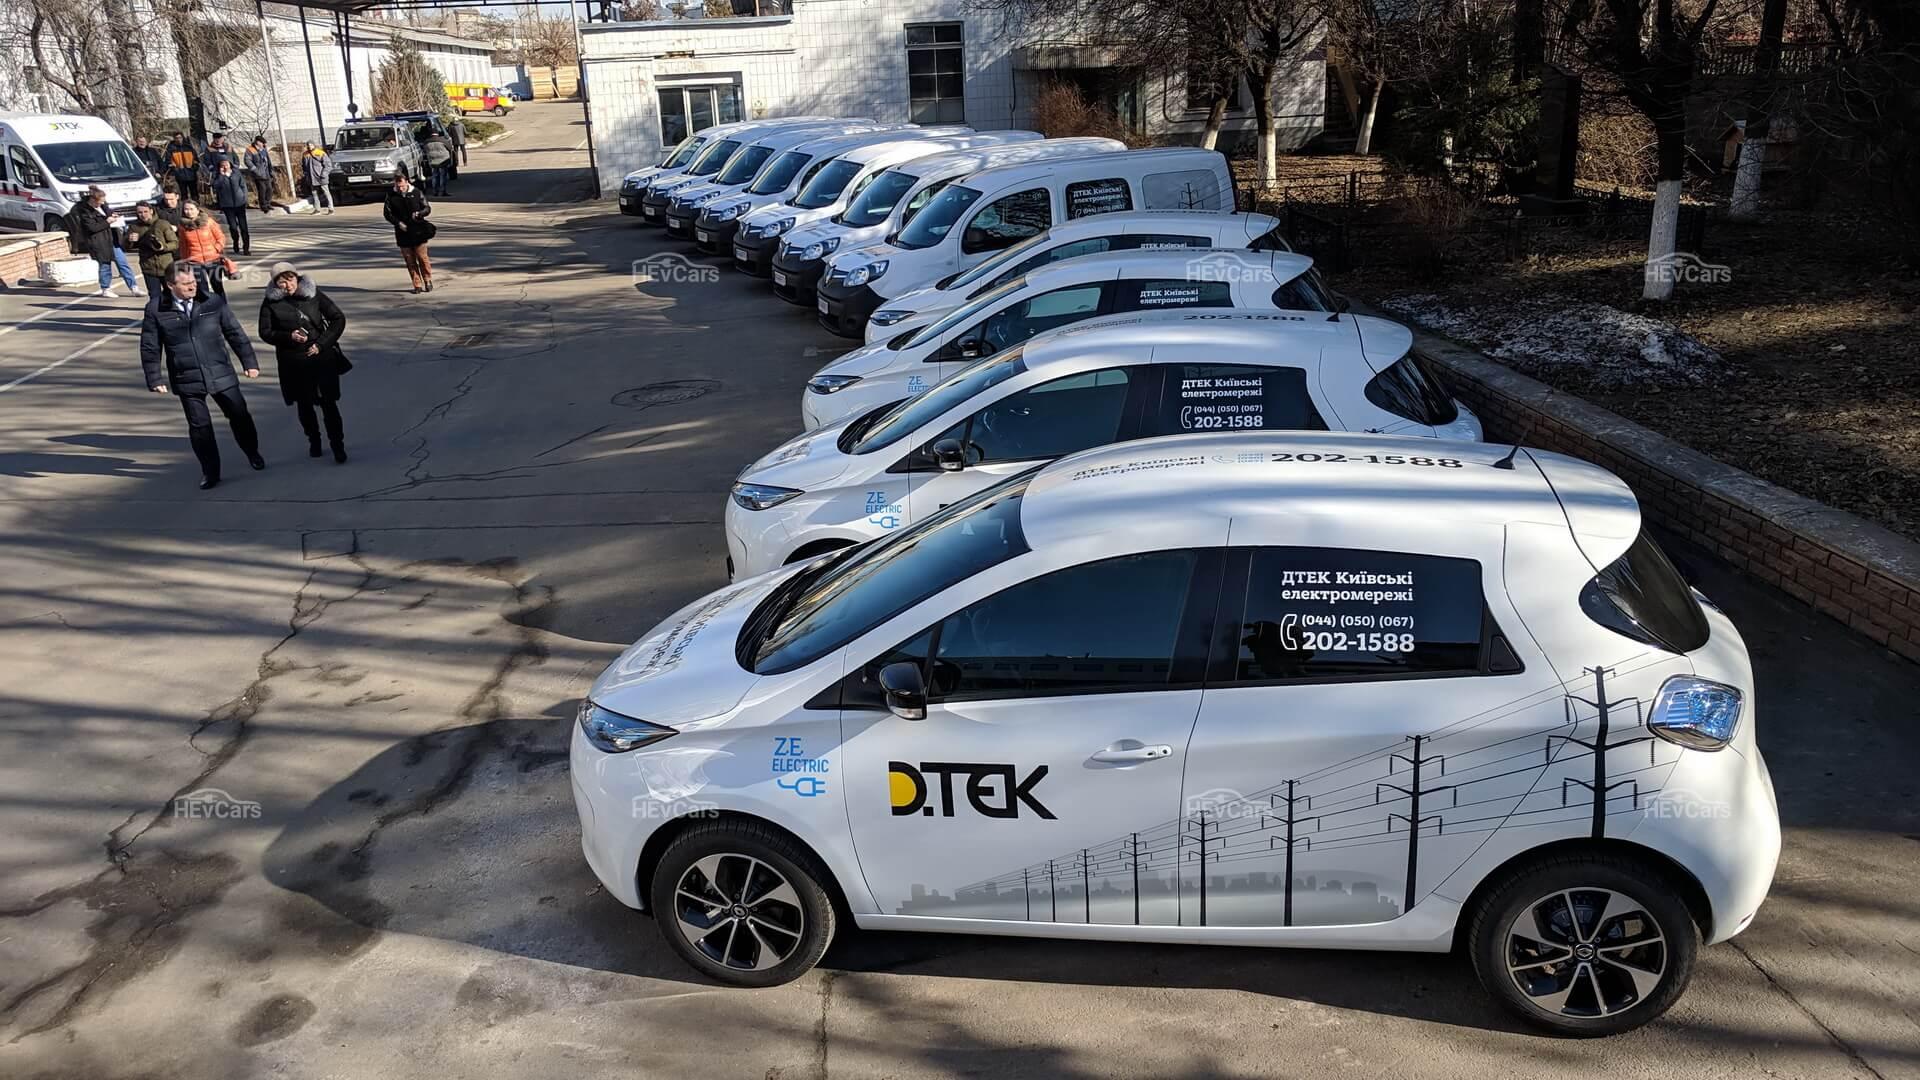 «ДТЭК Киевские электросети» закупили 11 электромобилей Renault